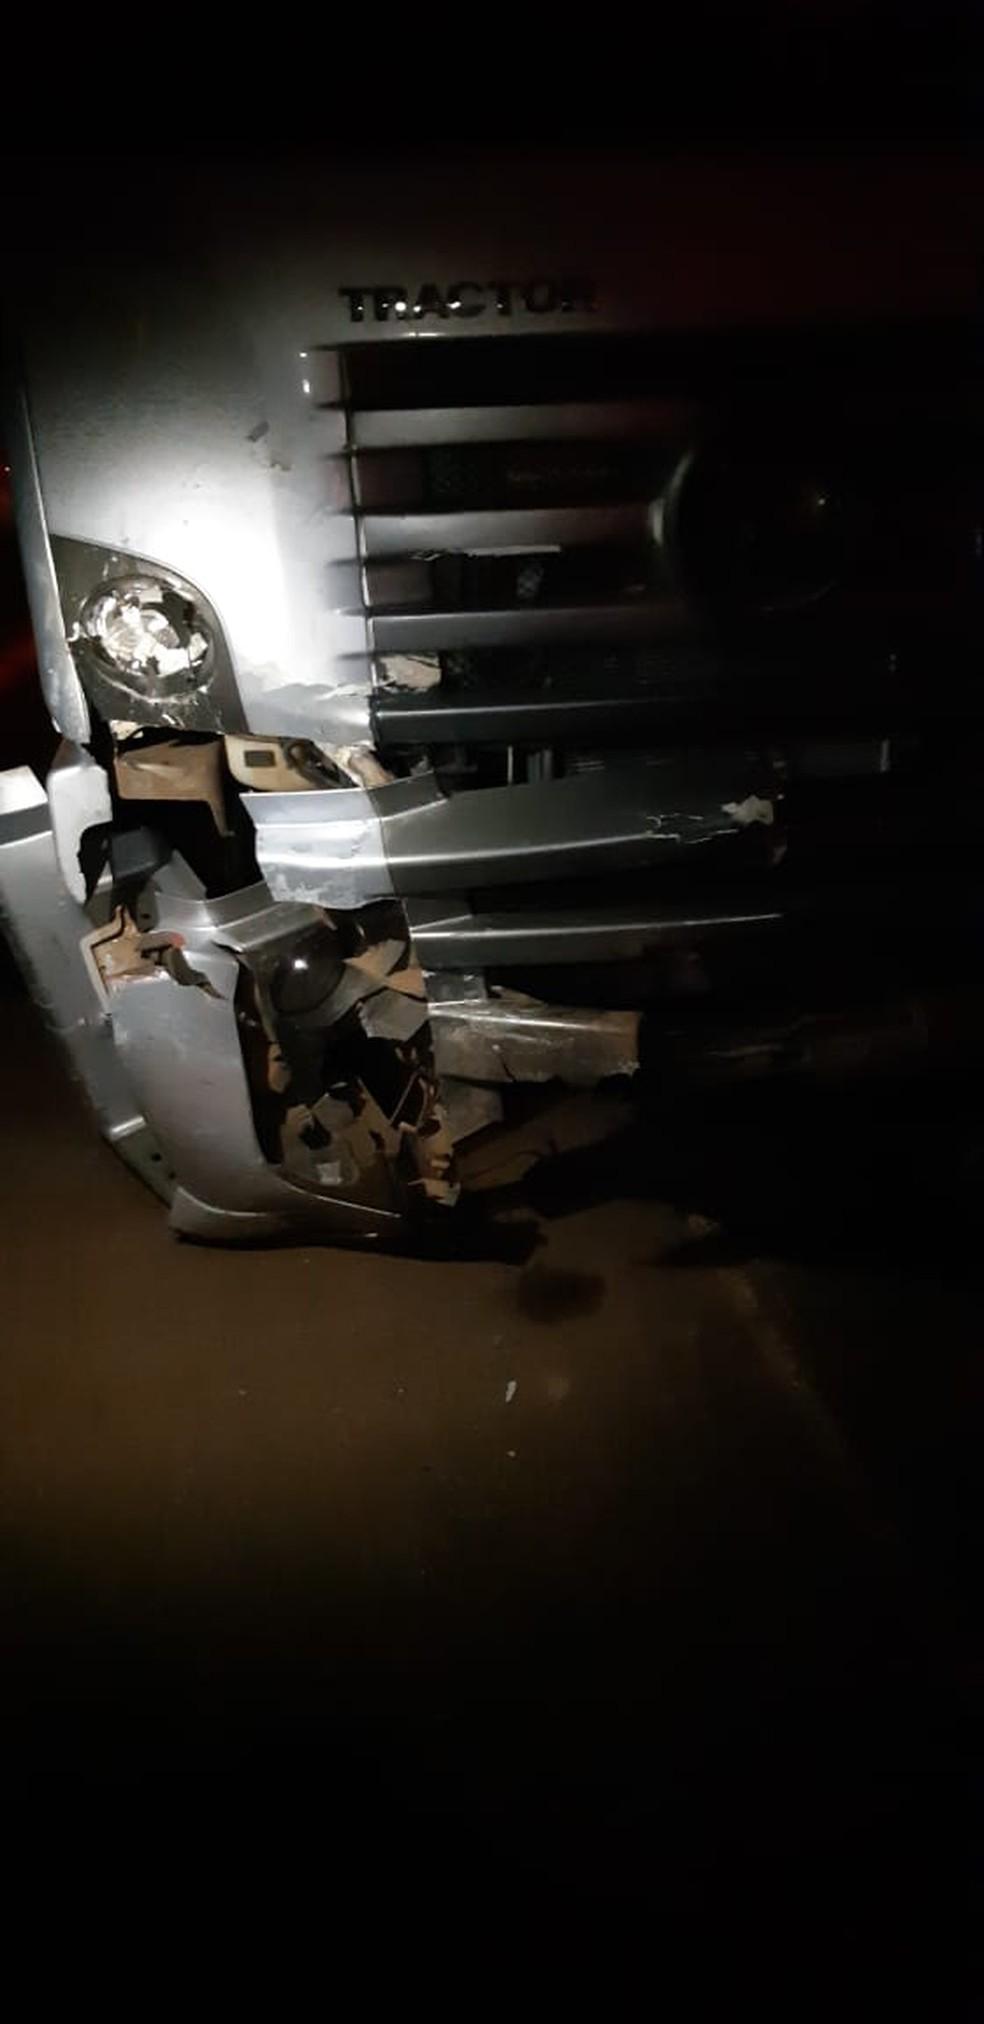 Caminhão que se envolveu em acidente na BR-267 — Foto: PRF/Divulgação